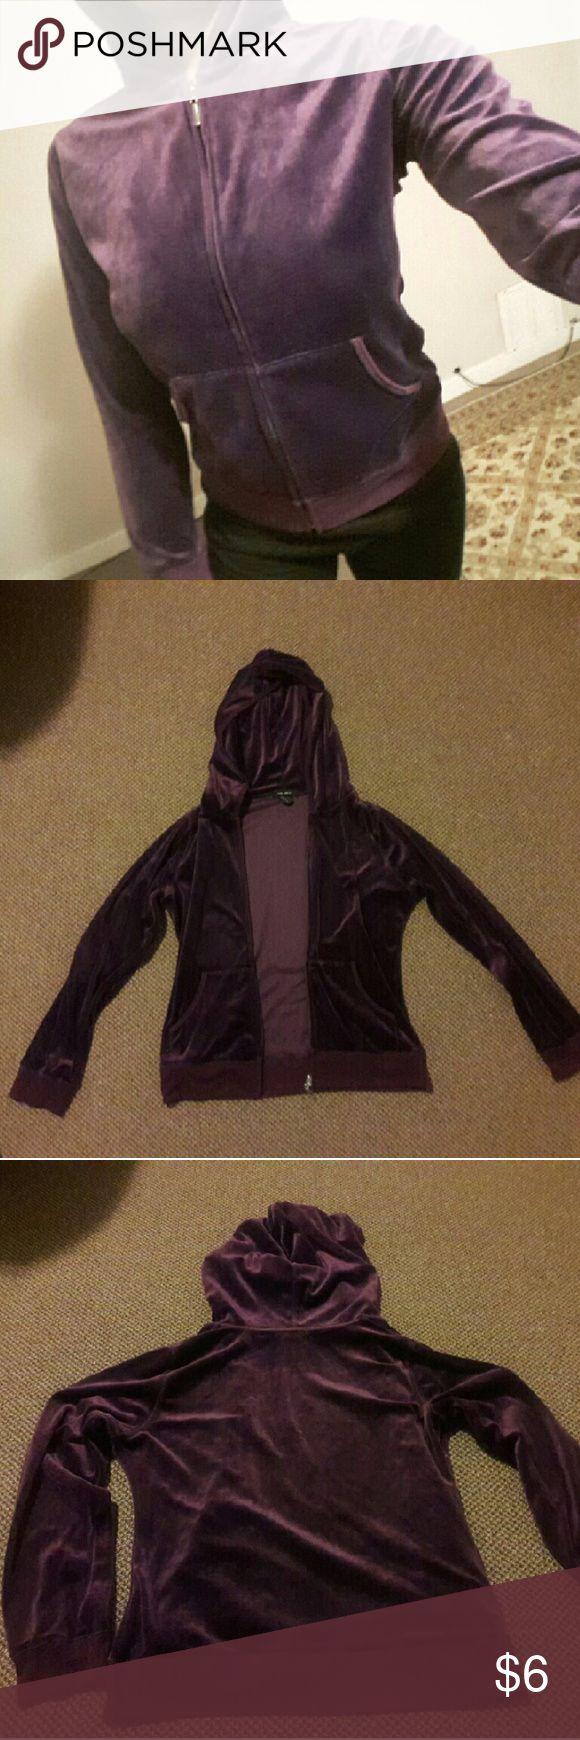 Purple Zip Up Hoodie Soft amd super comfortable cotton zip up, long sleeve hoodie, large. Beta House Tops Sweatshirts & Hoodies